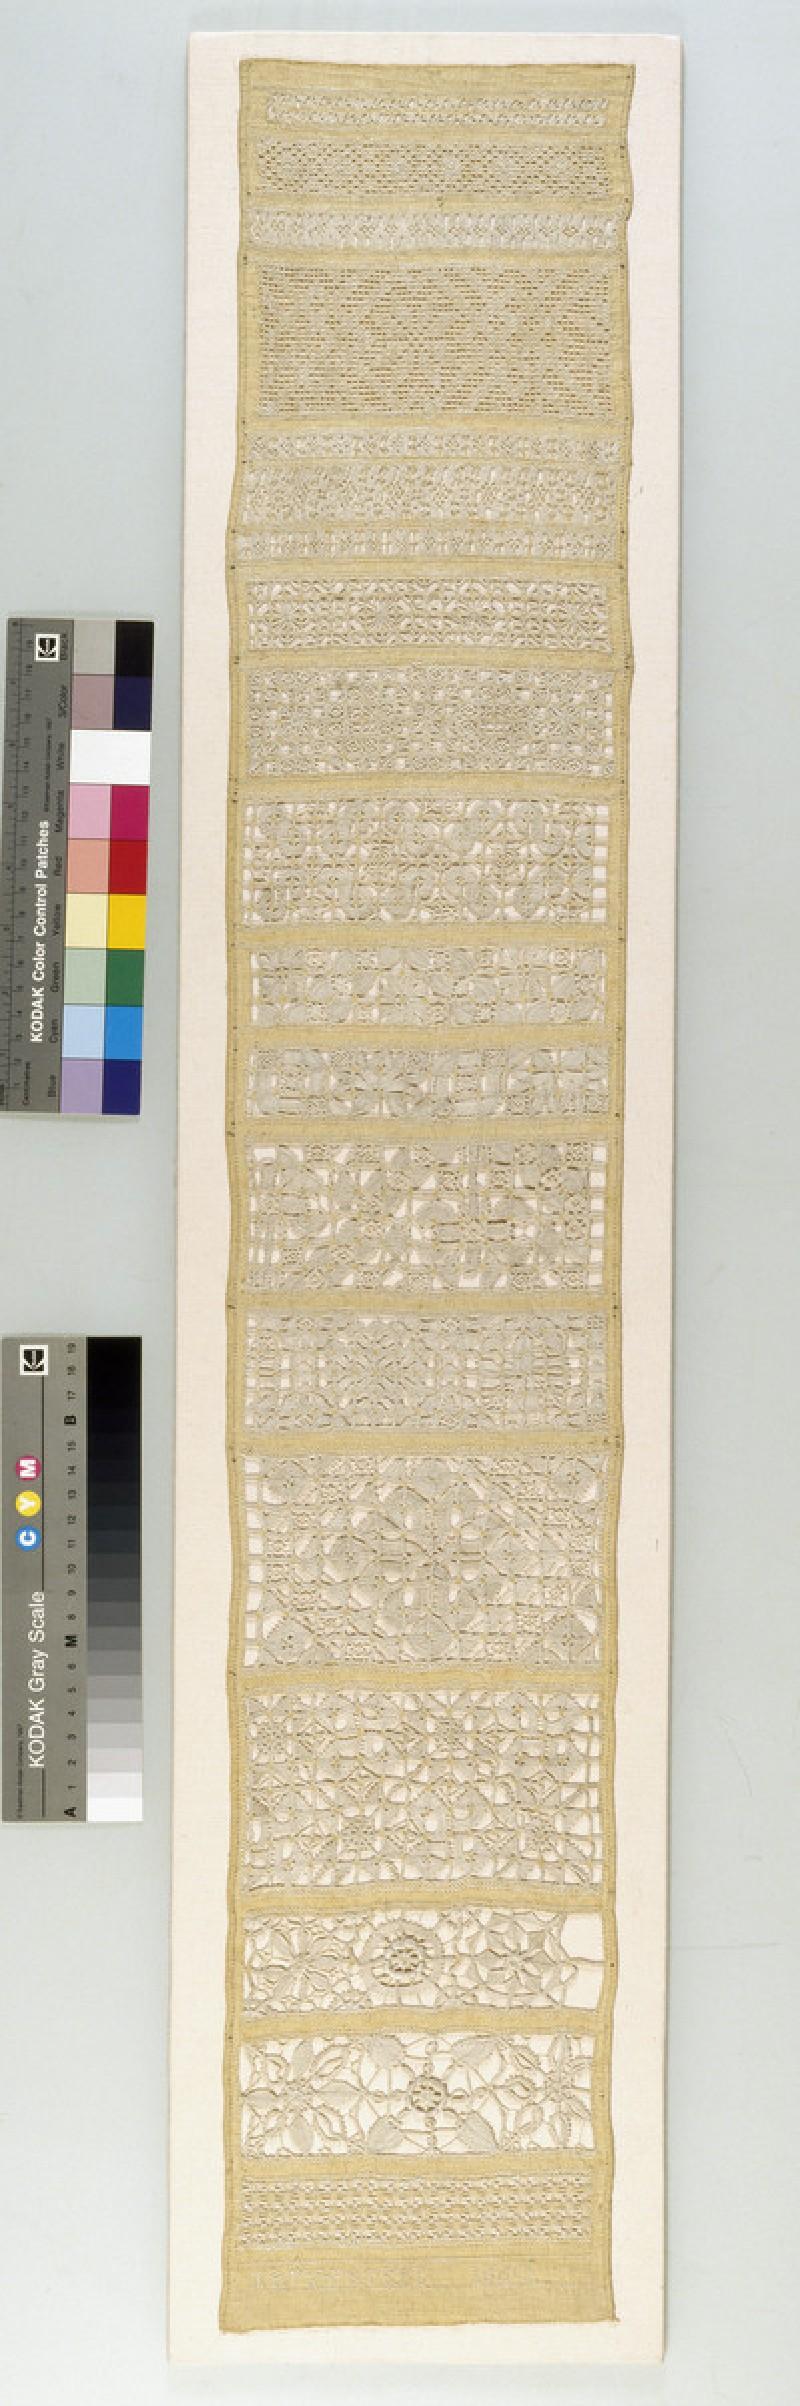 Sampler (WA1947.191.322)